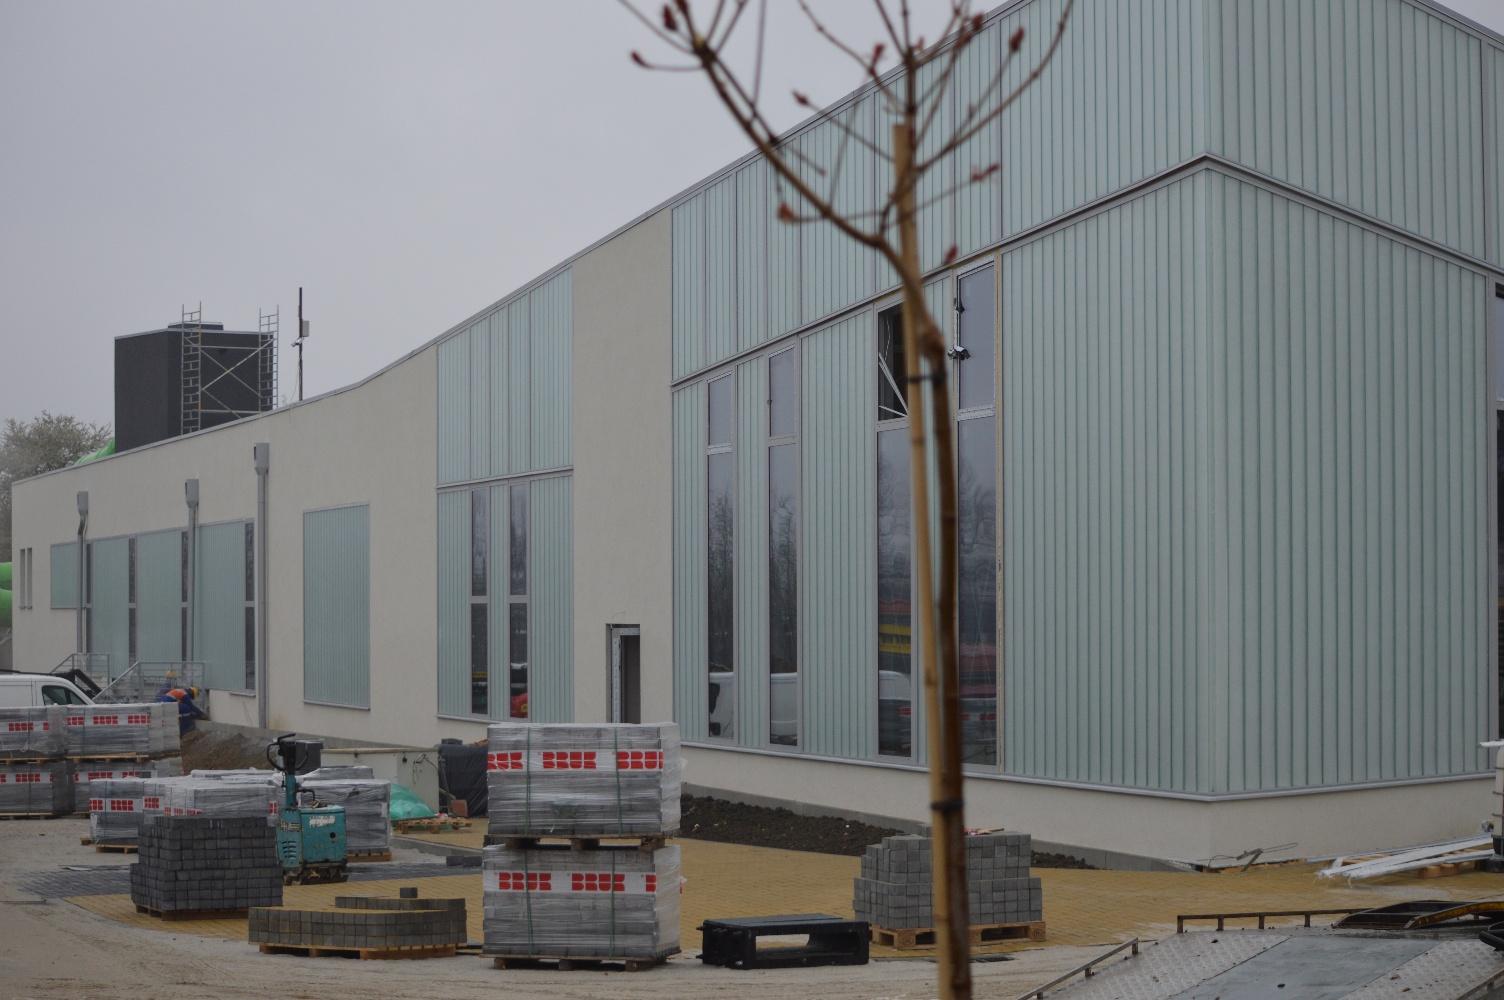 Kończą budowę basenu, teraz pora na nową halę? [FOTO, VIDEO]